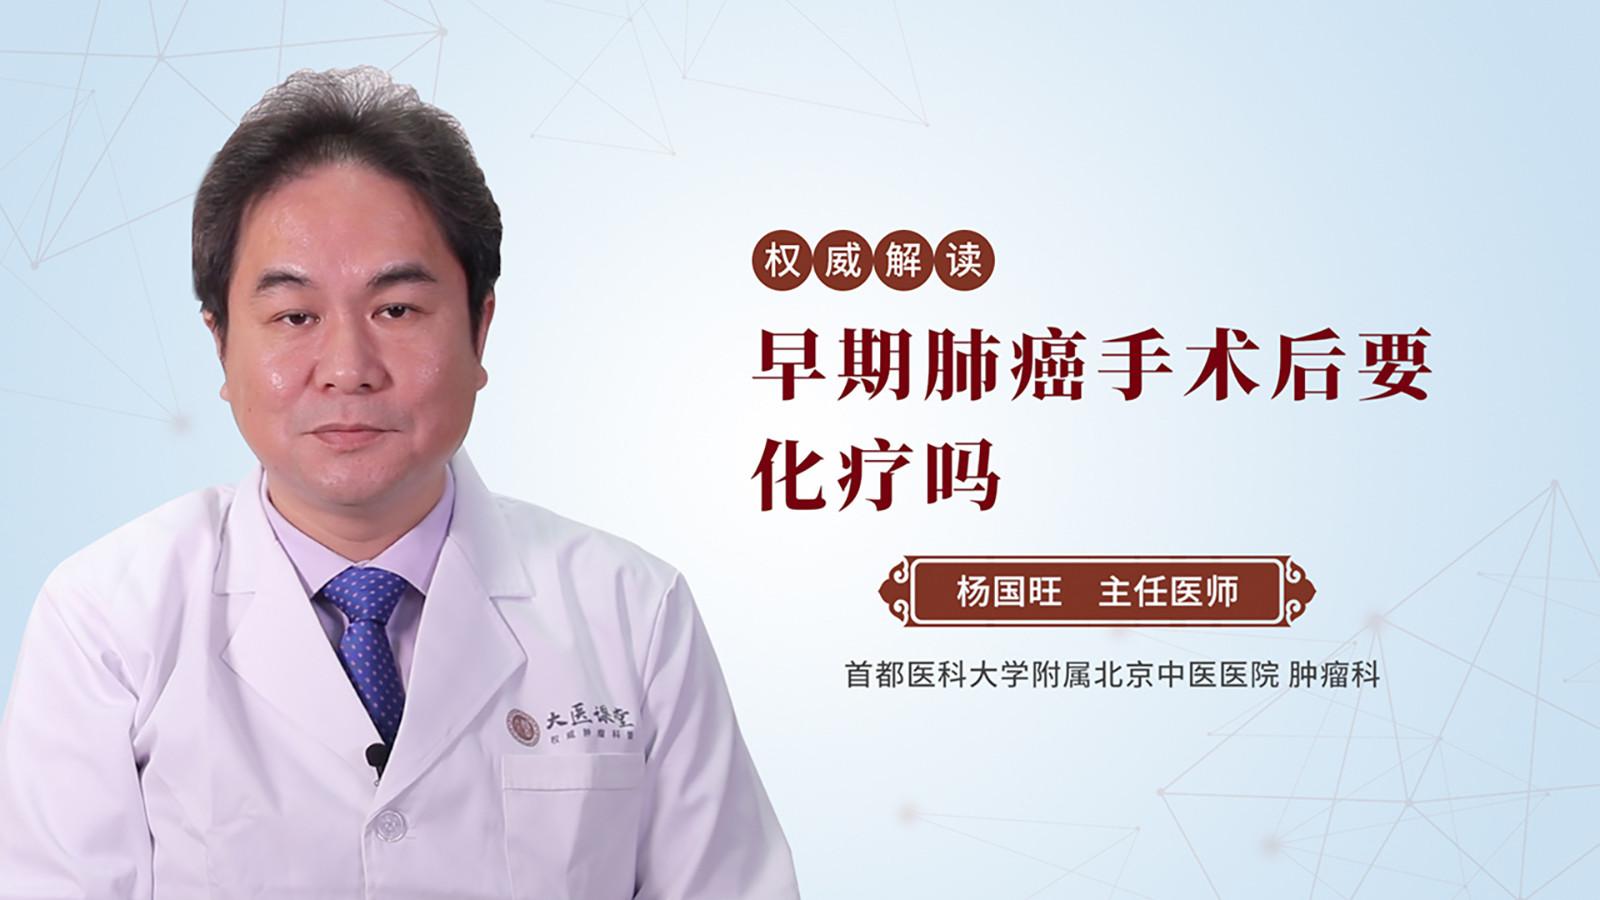 早期肺癌手术后要化疗吗